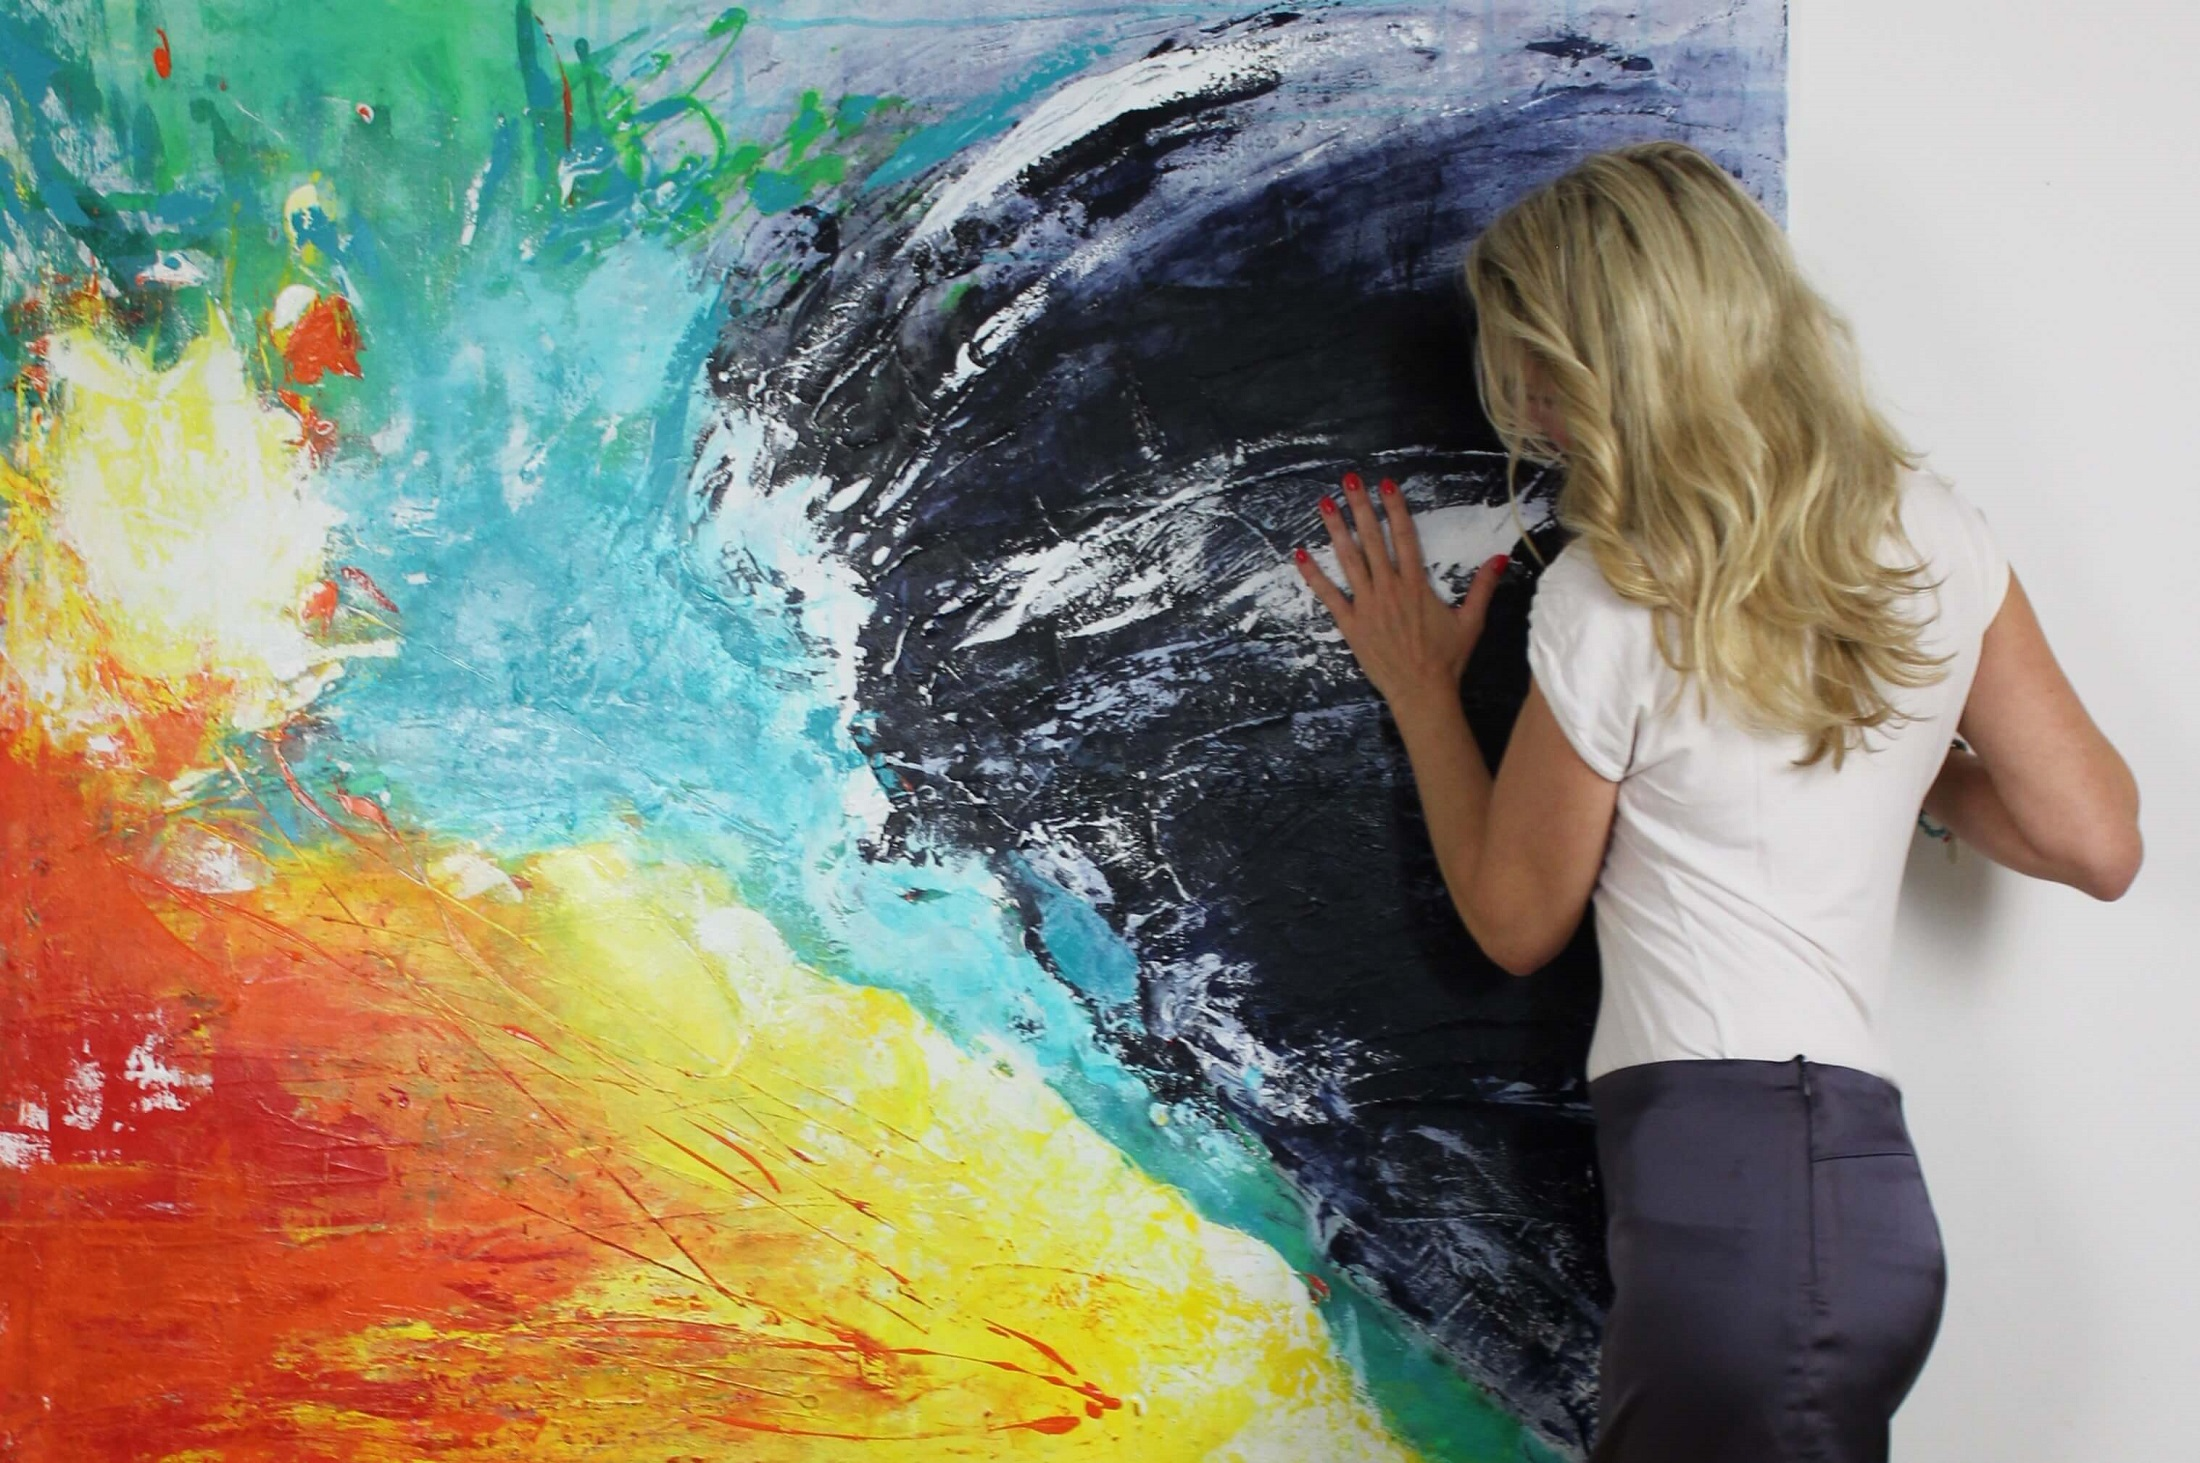 Susanne Herbold Künstlerin Köln mit dem Werk Borderline